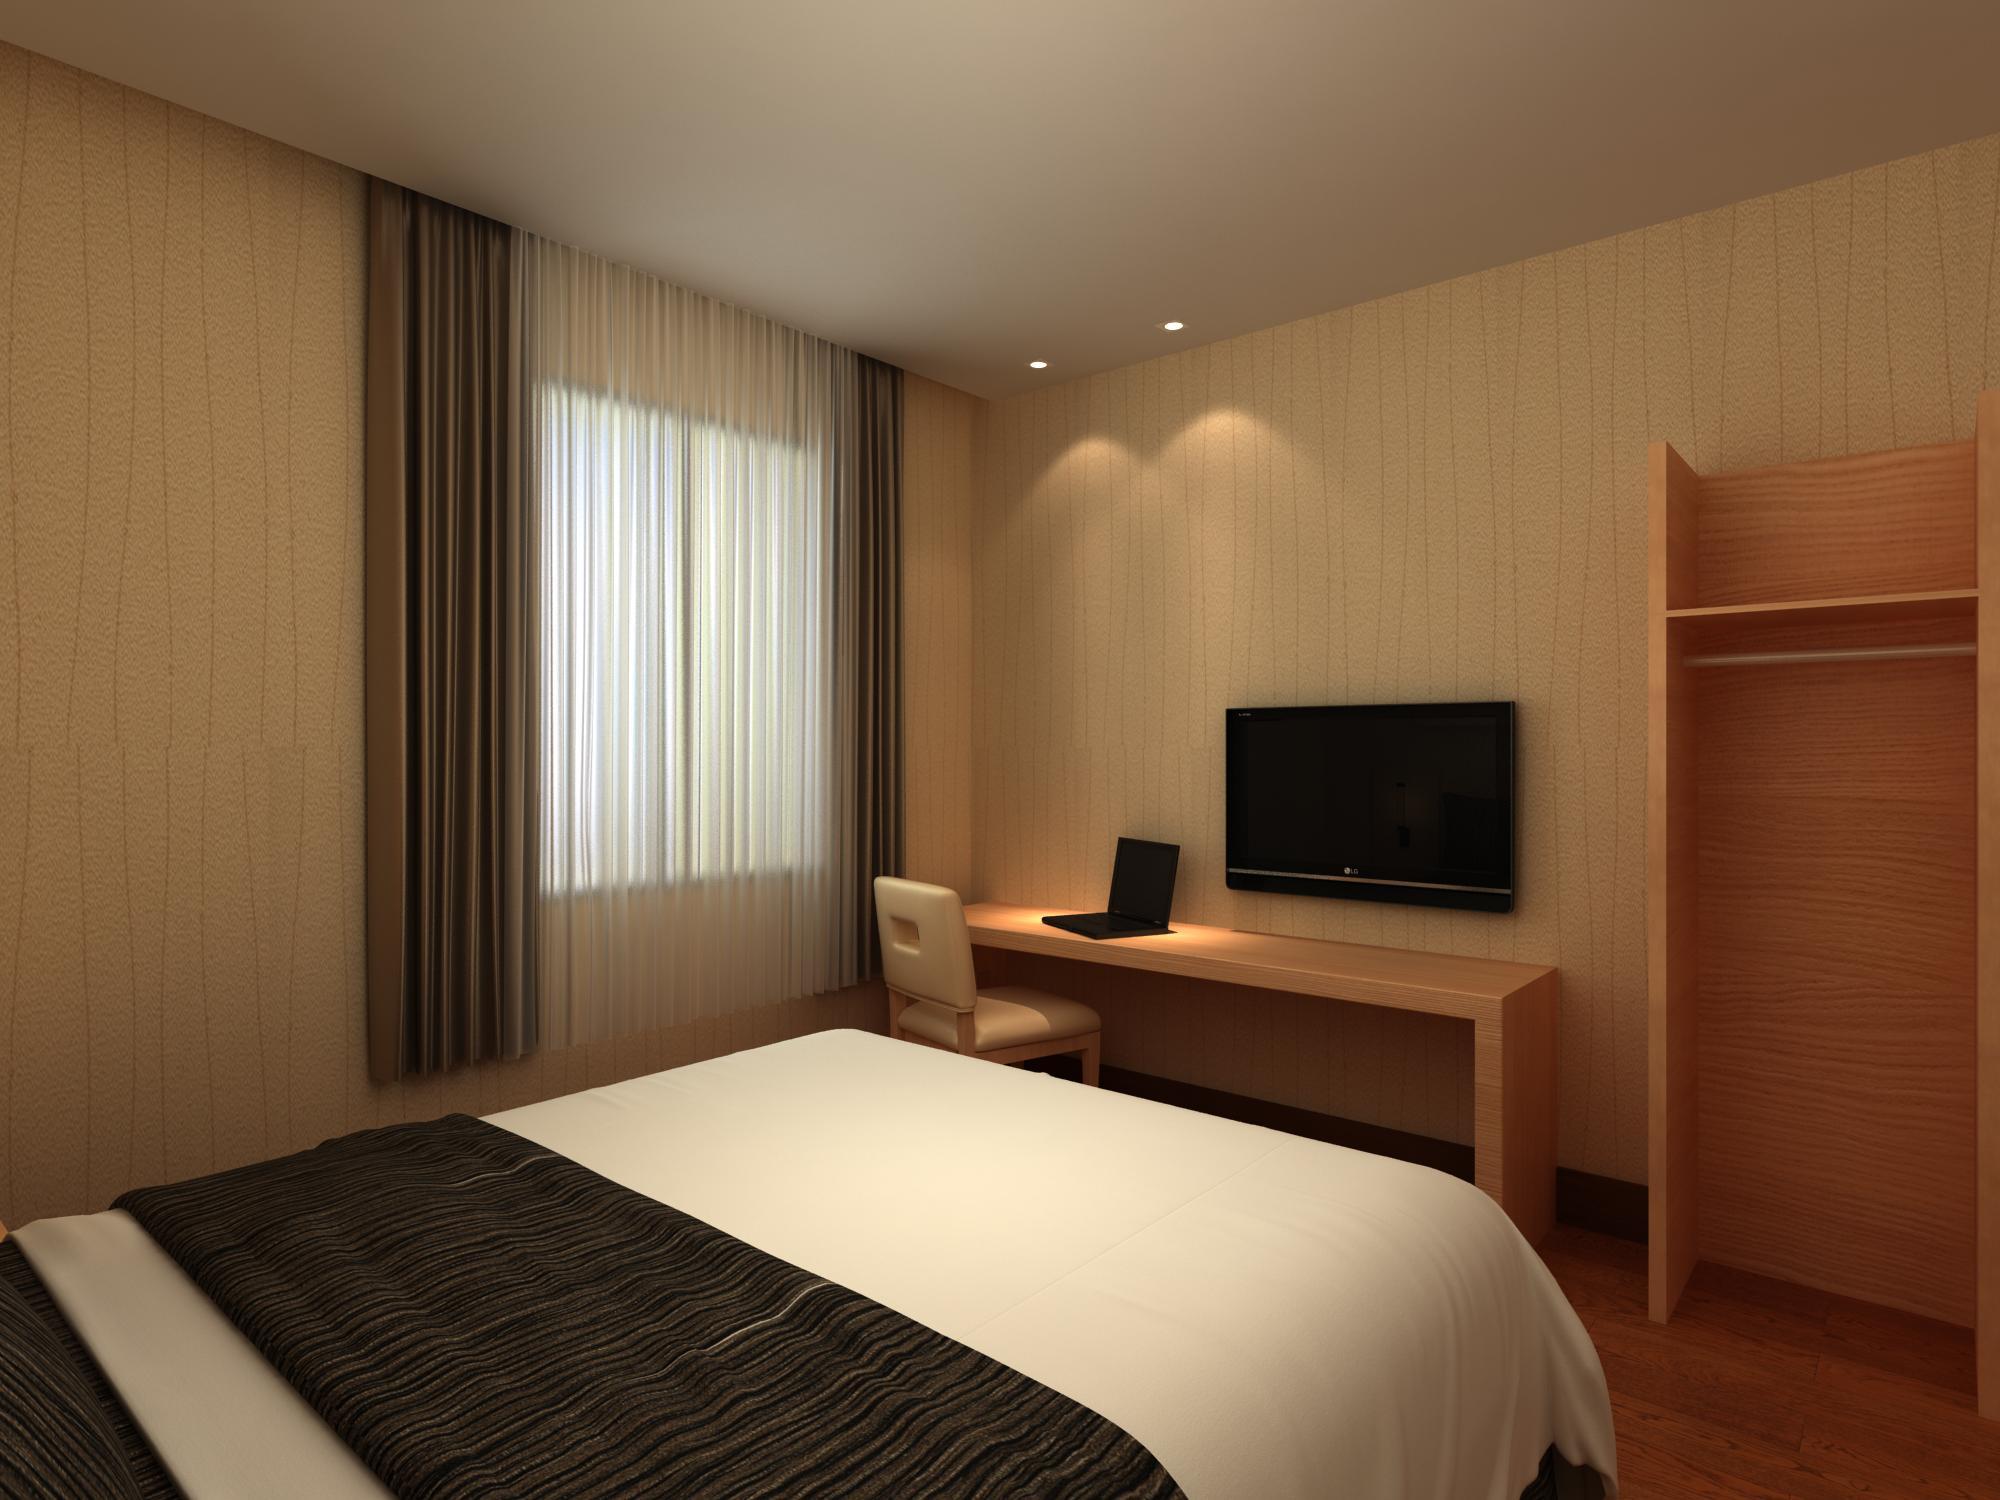 雅安快捷酒店设计装修——雅安快捷酒店装修设计档次定位很重要图片